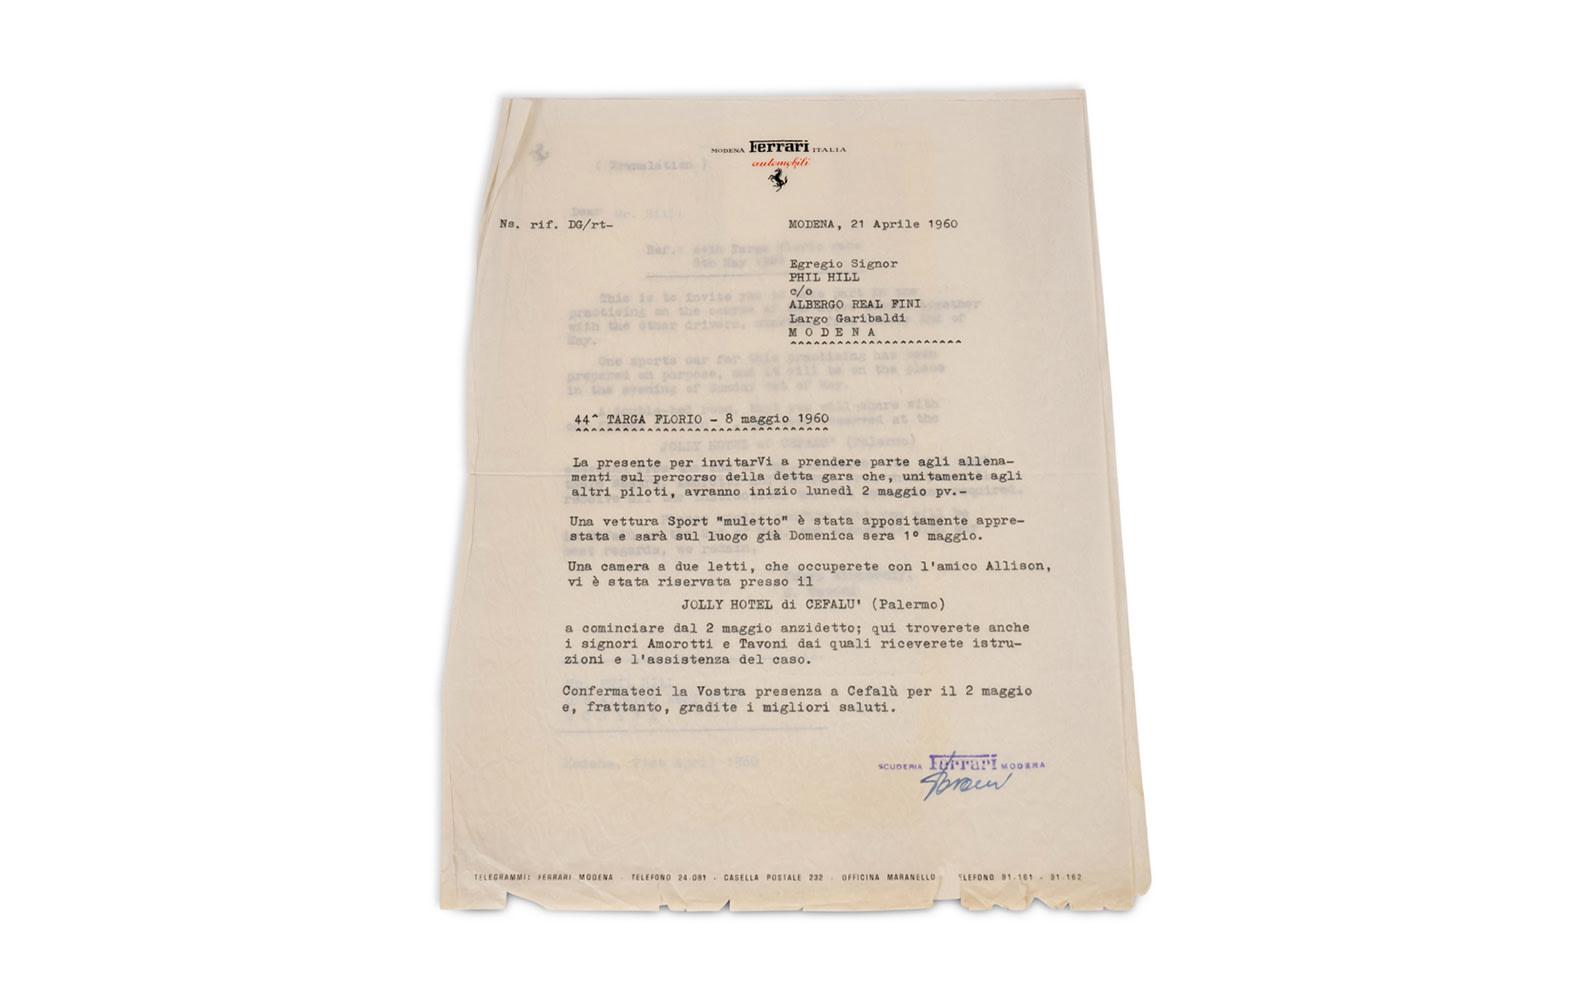 Scuderia Ferrari Engagement Letter to Phil Hill Regarding the 1960 Targa Florio Practice Session